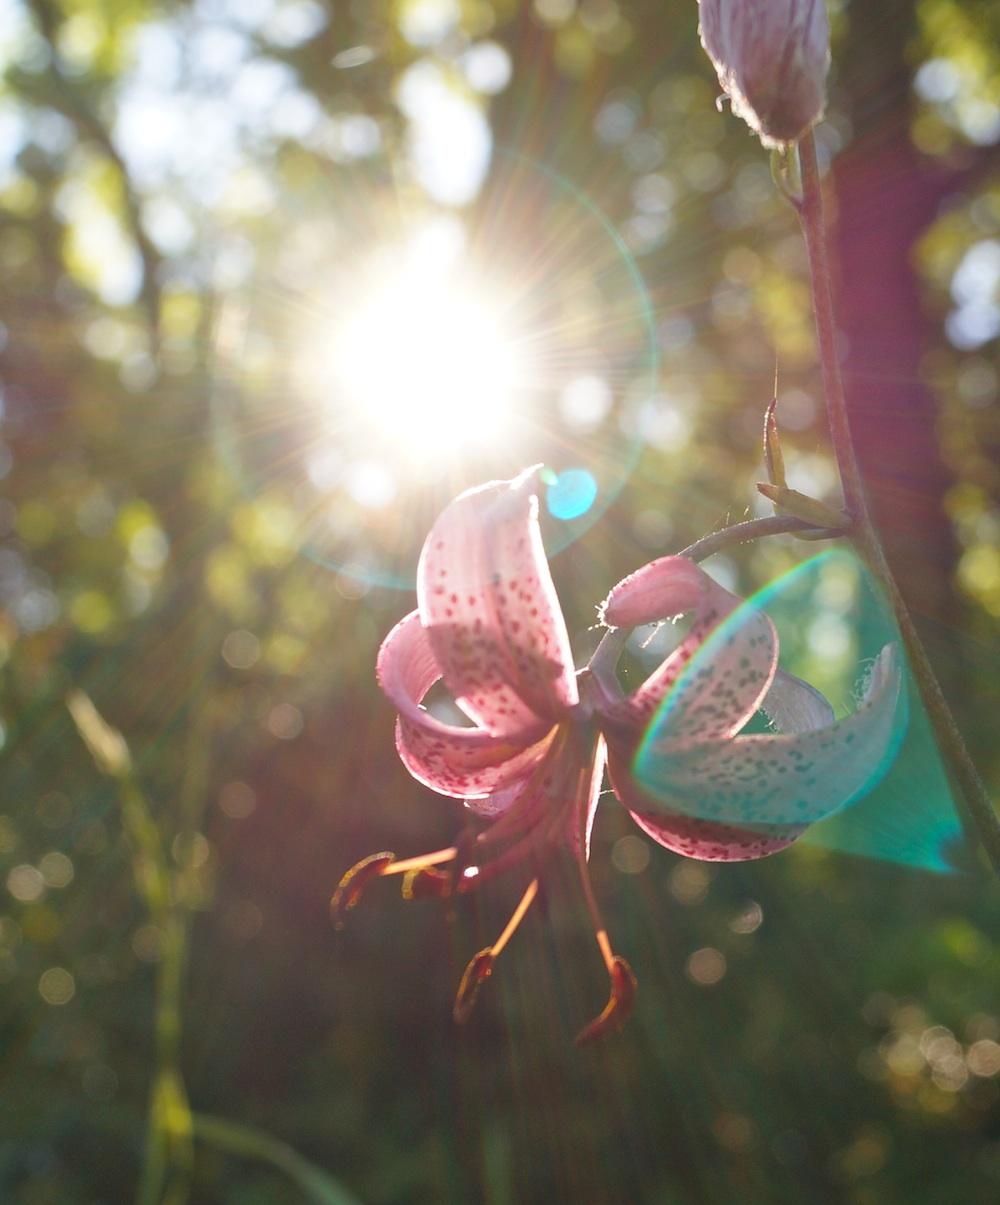 Lilie im Gegenlicht klein